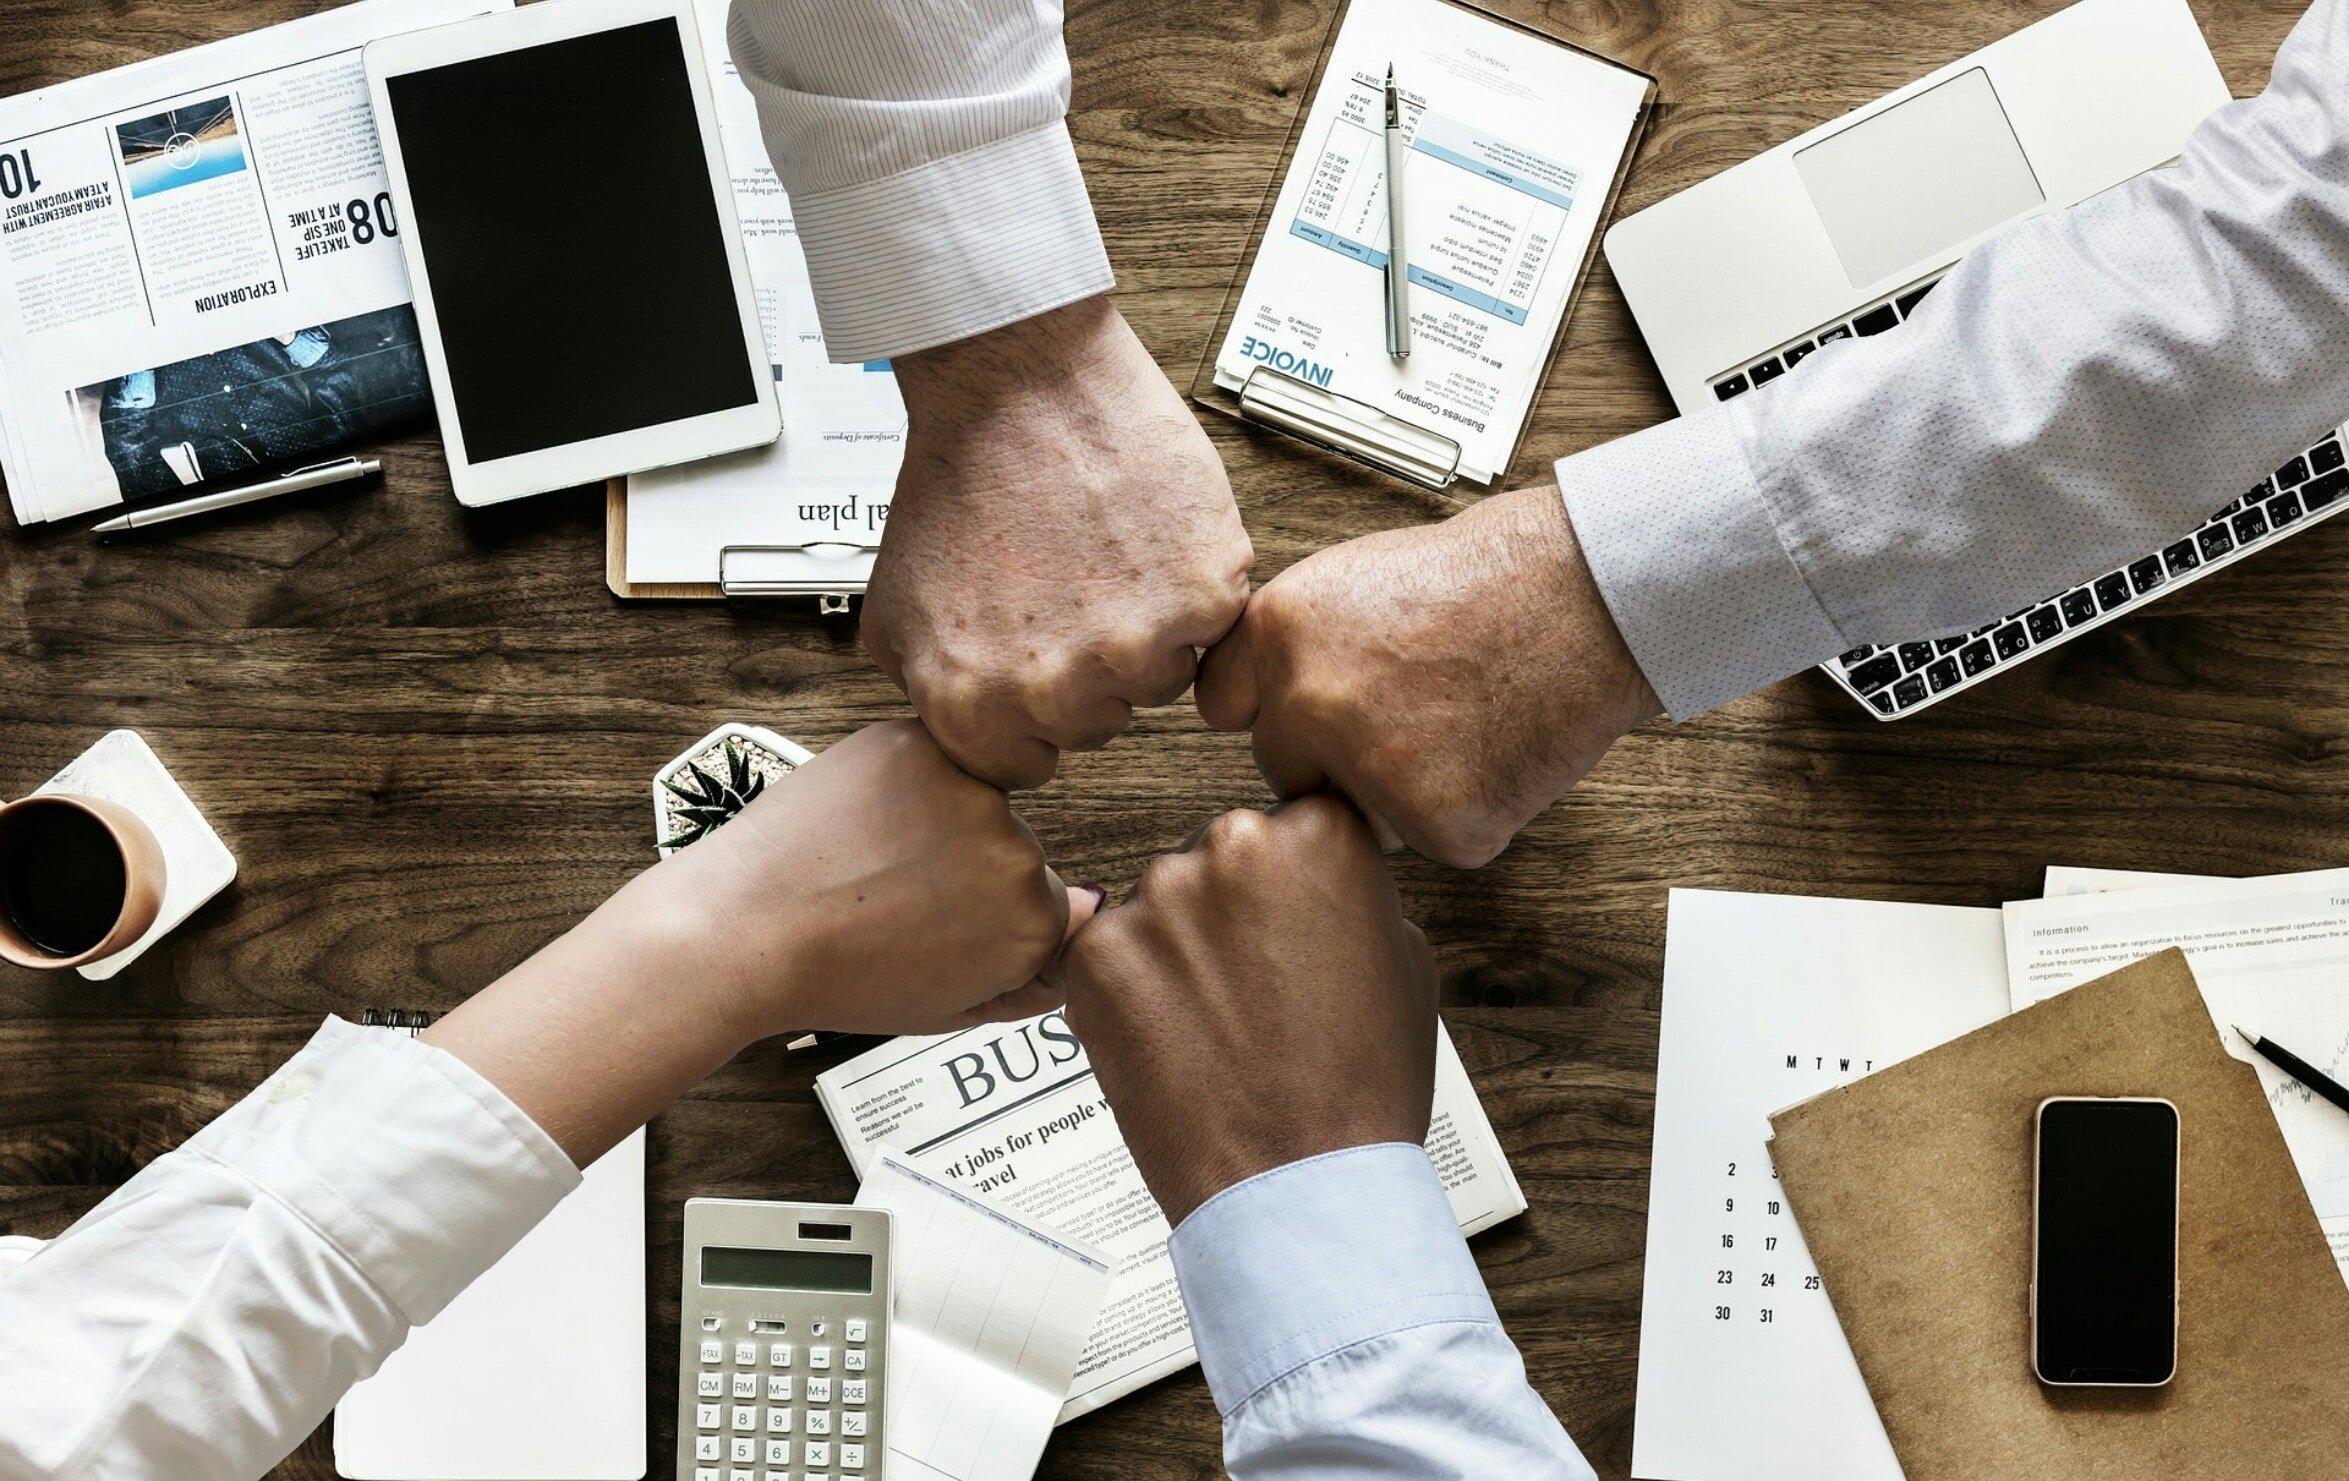 businessboost werkgeluk handen bij elkaar